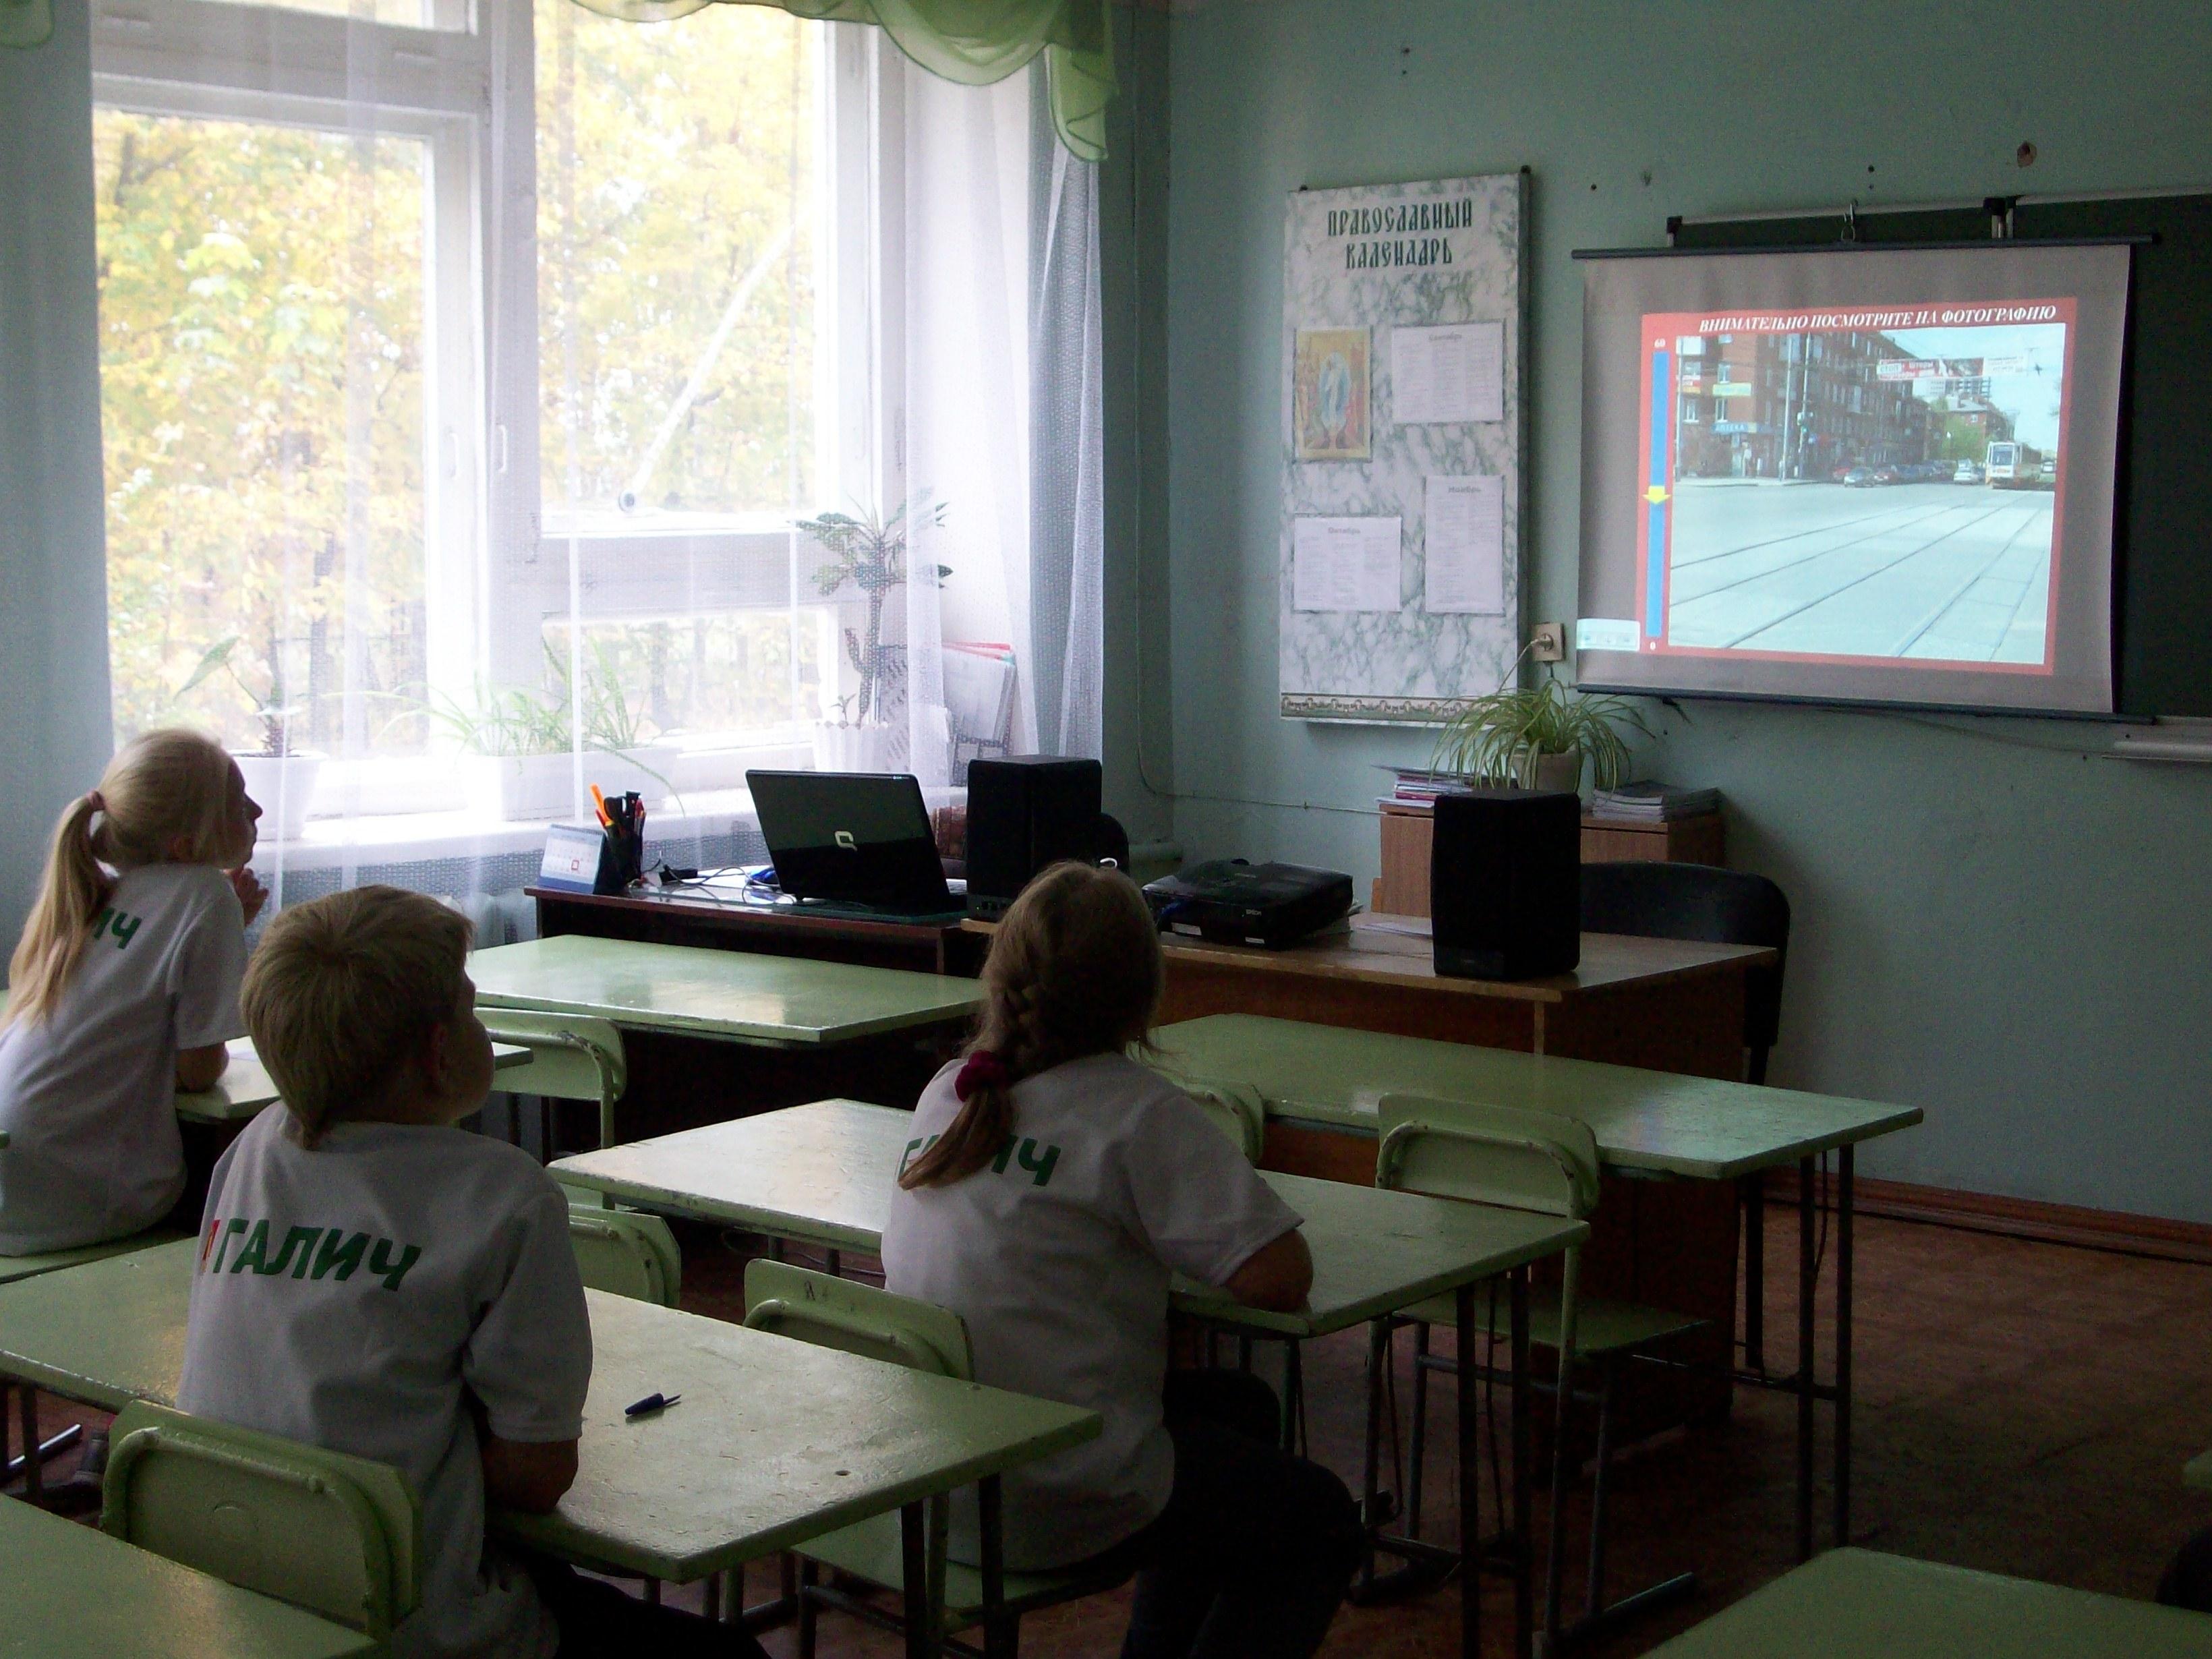 отчет о школьном туре олимпиады бланк отчета образец